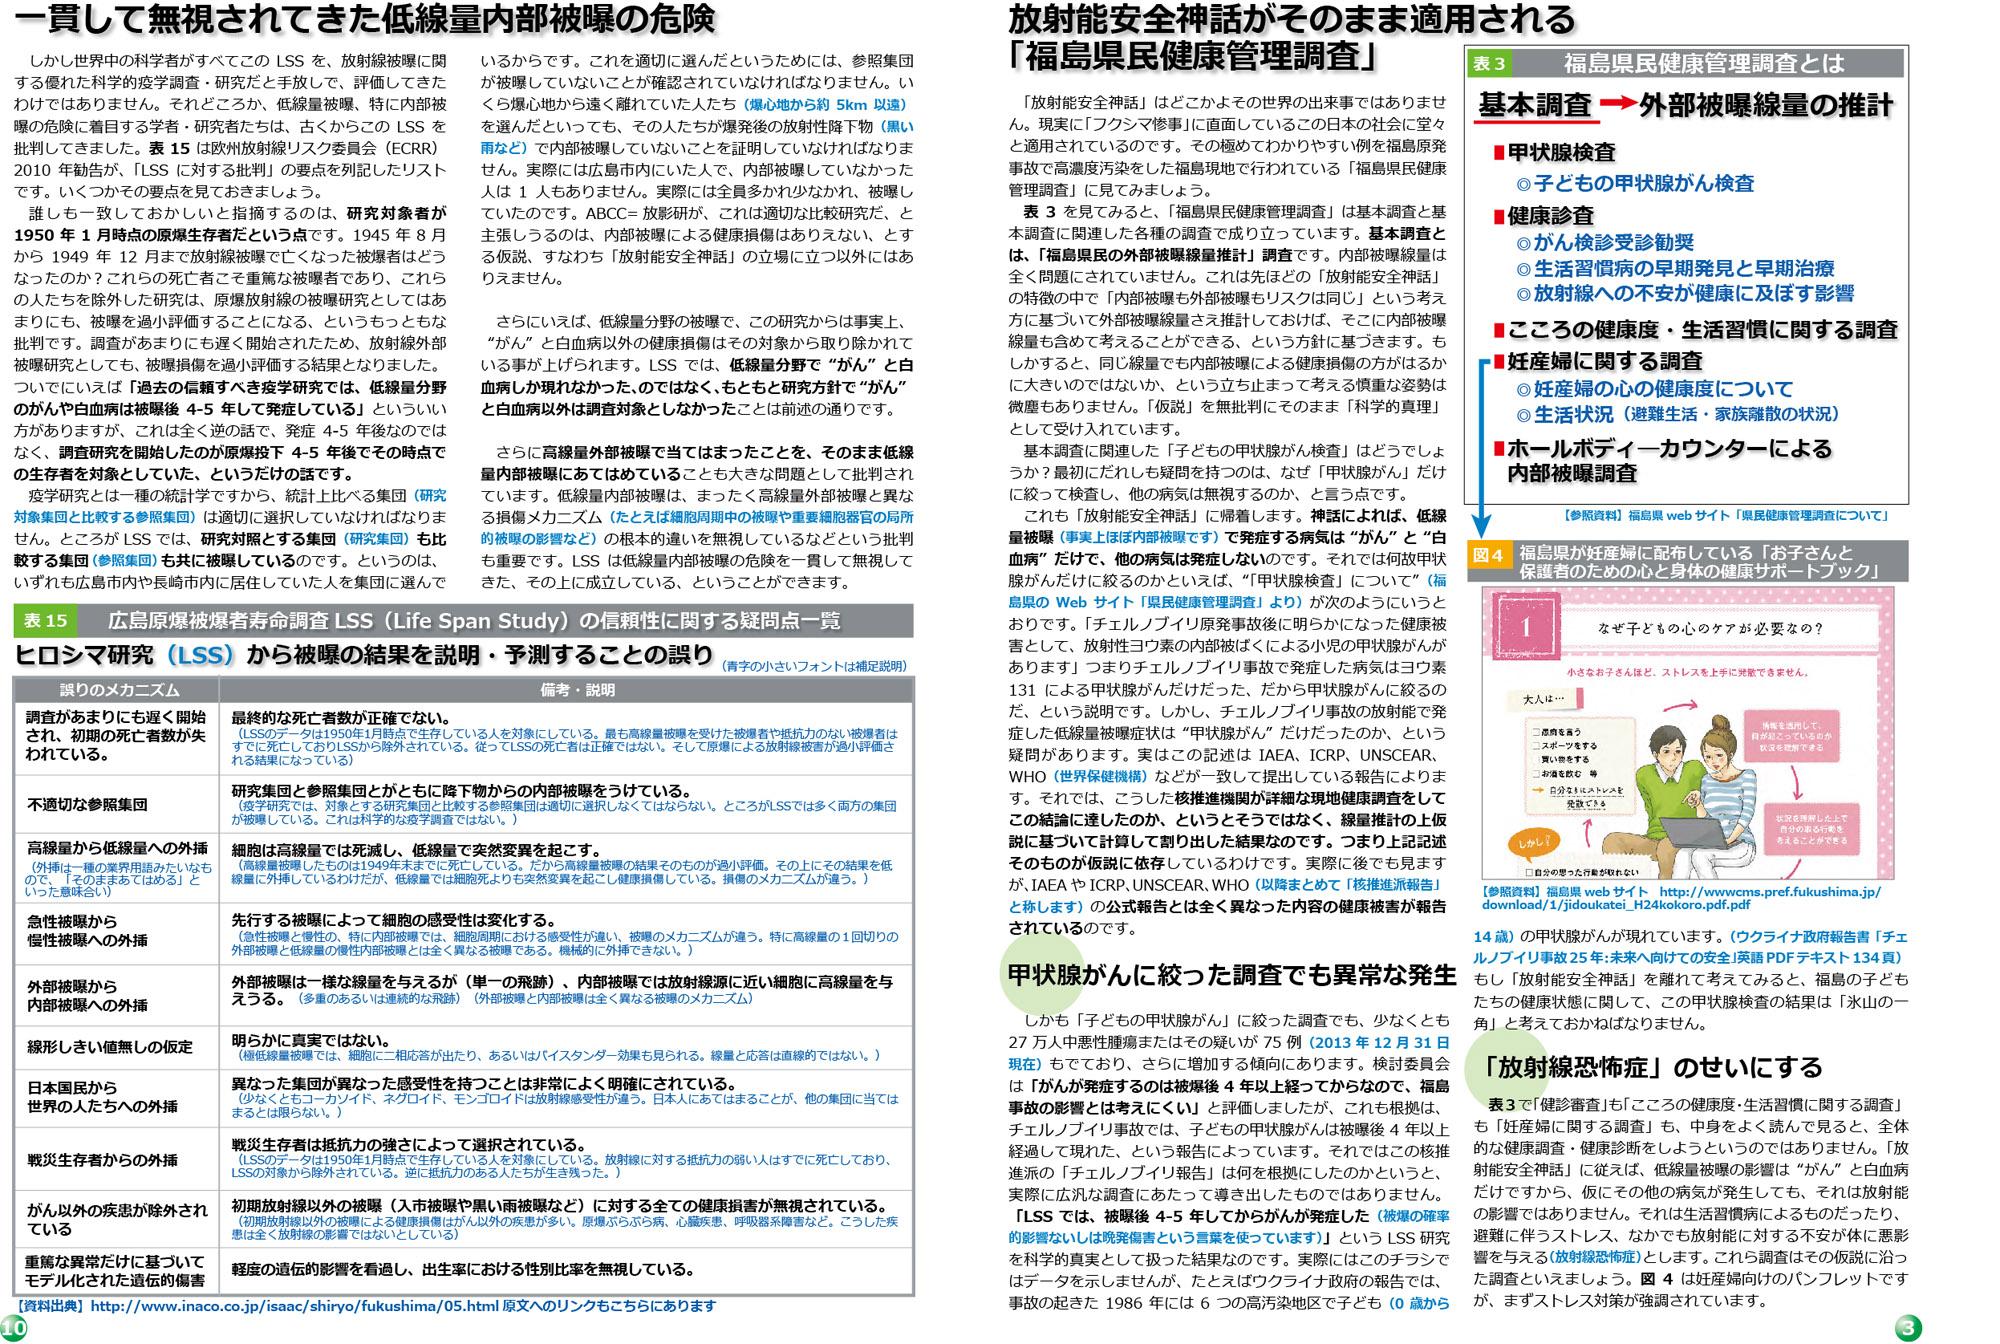 ファイル 272-3.jpg